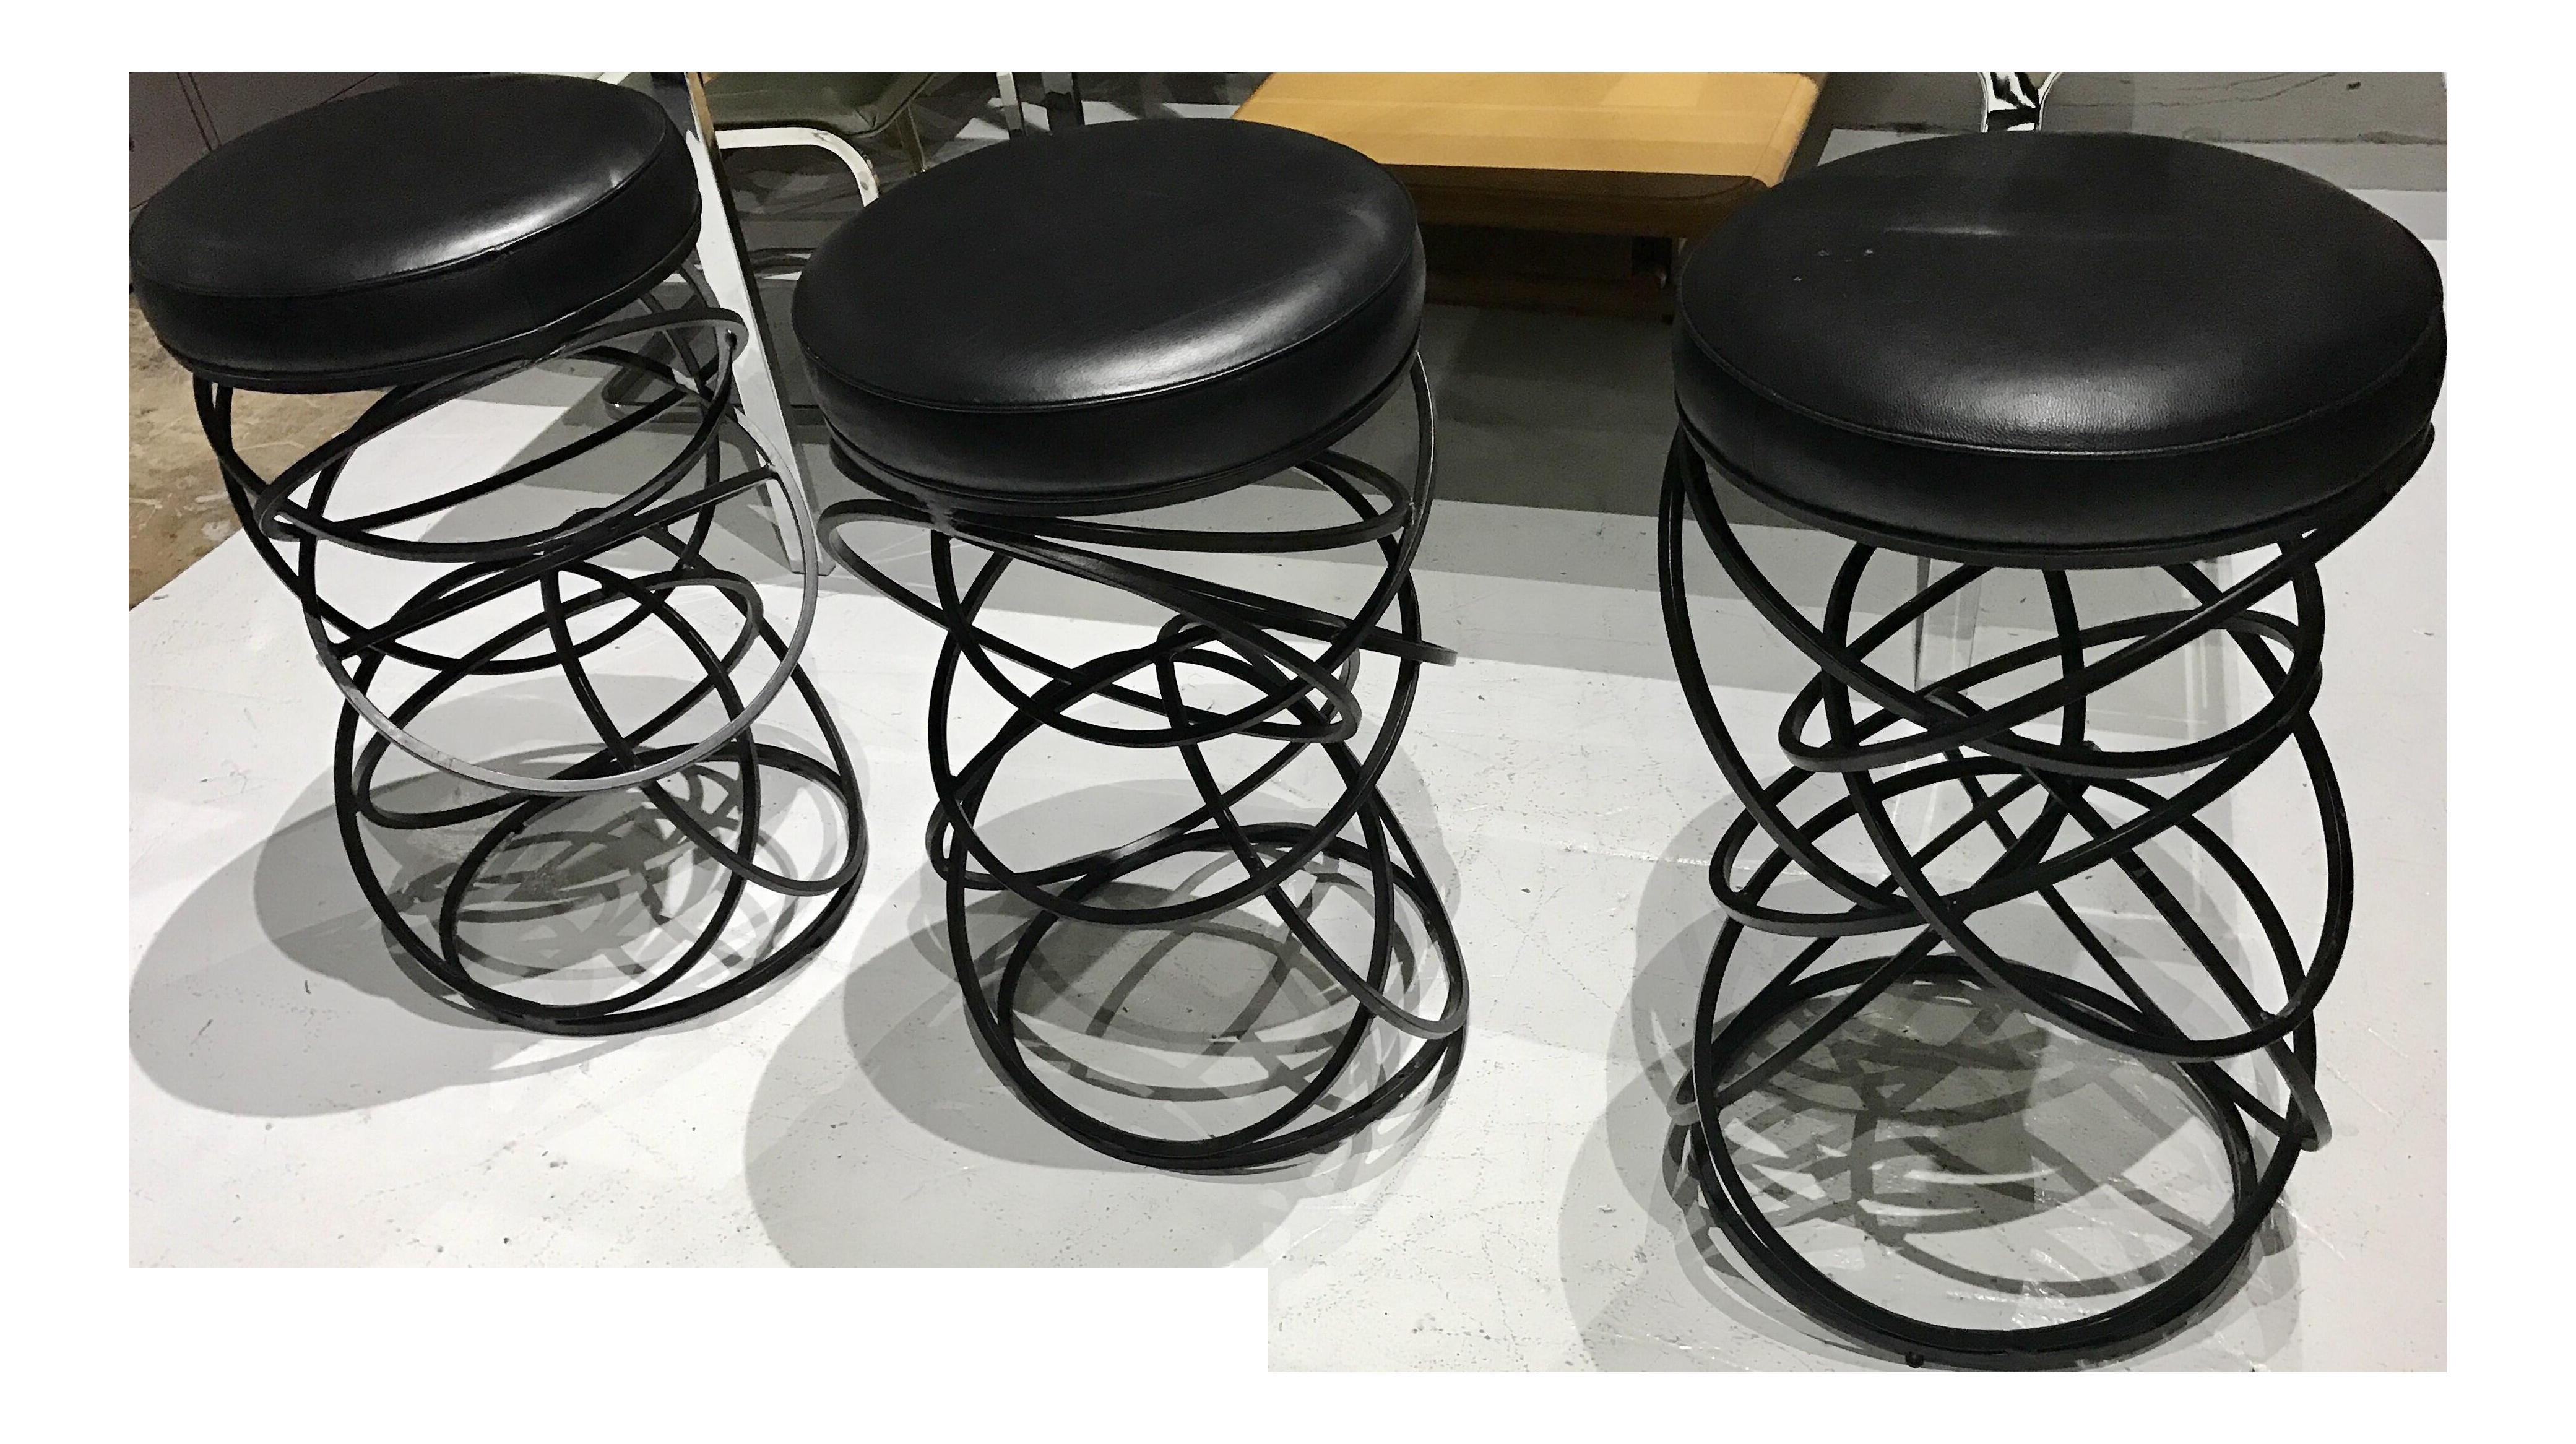 1970s mid century modern iron vinyl bar stools set of 3 chairish 1840s Interior Decor 1970s mid century modern iron vinyl bar stools set of 3 for sale